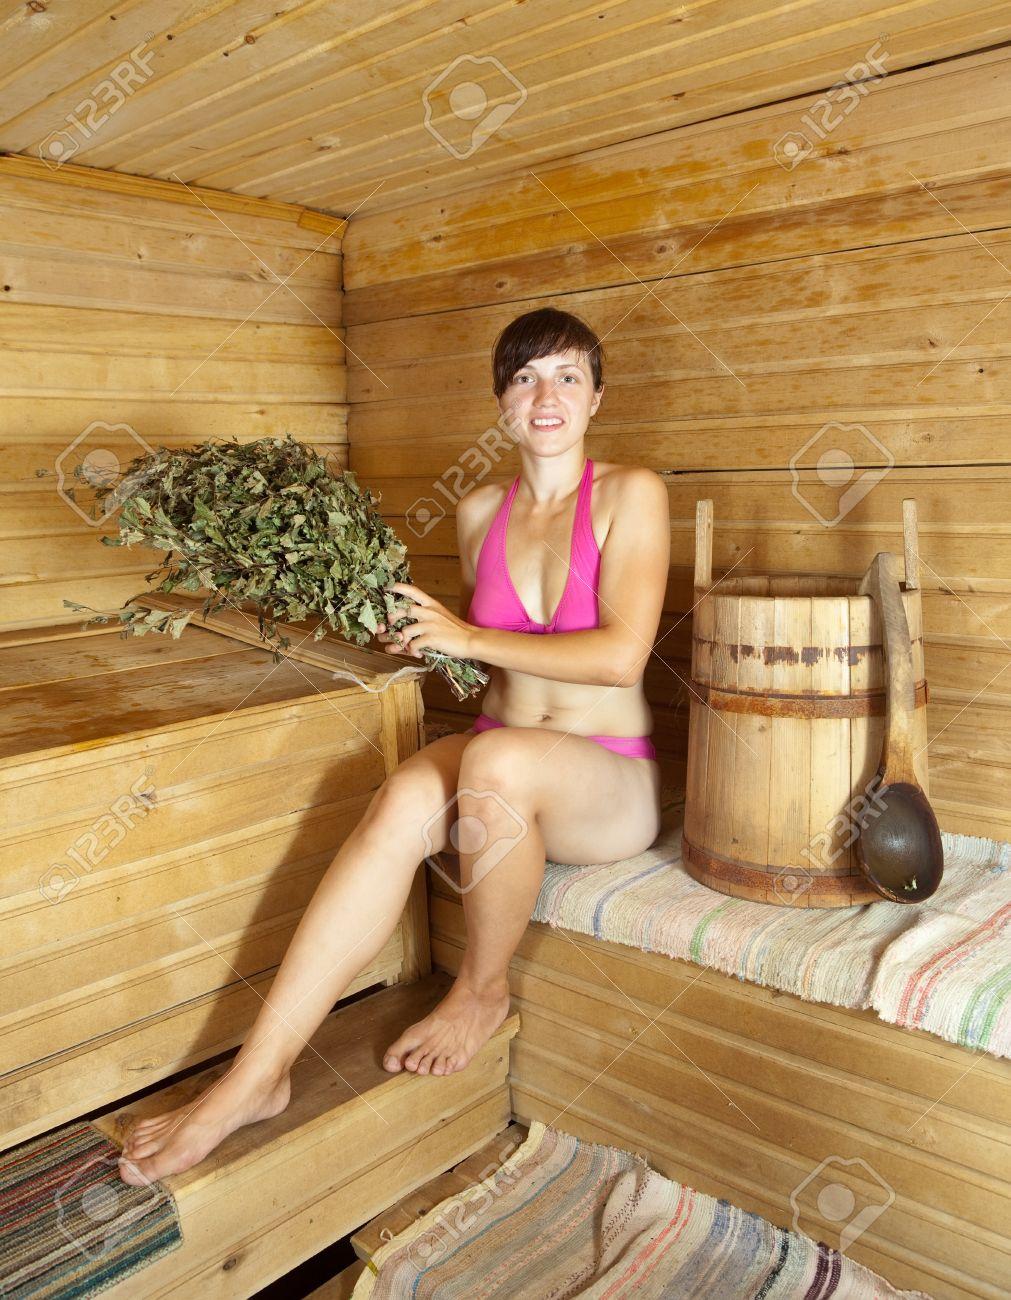 Юнные девушки в бане фото 19 фотография